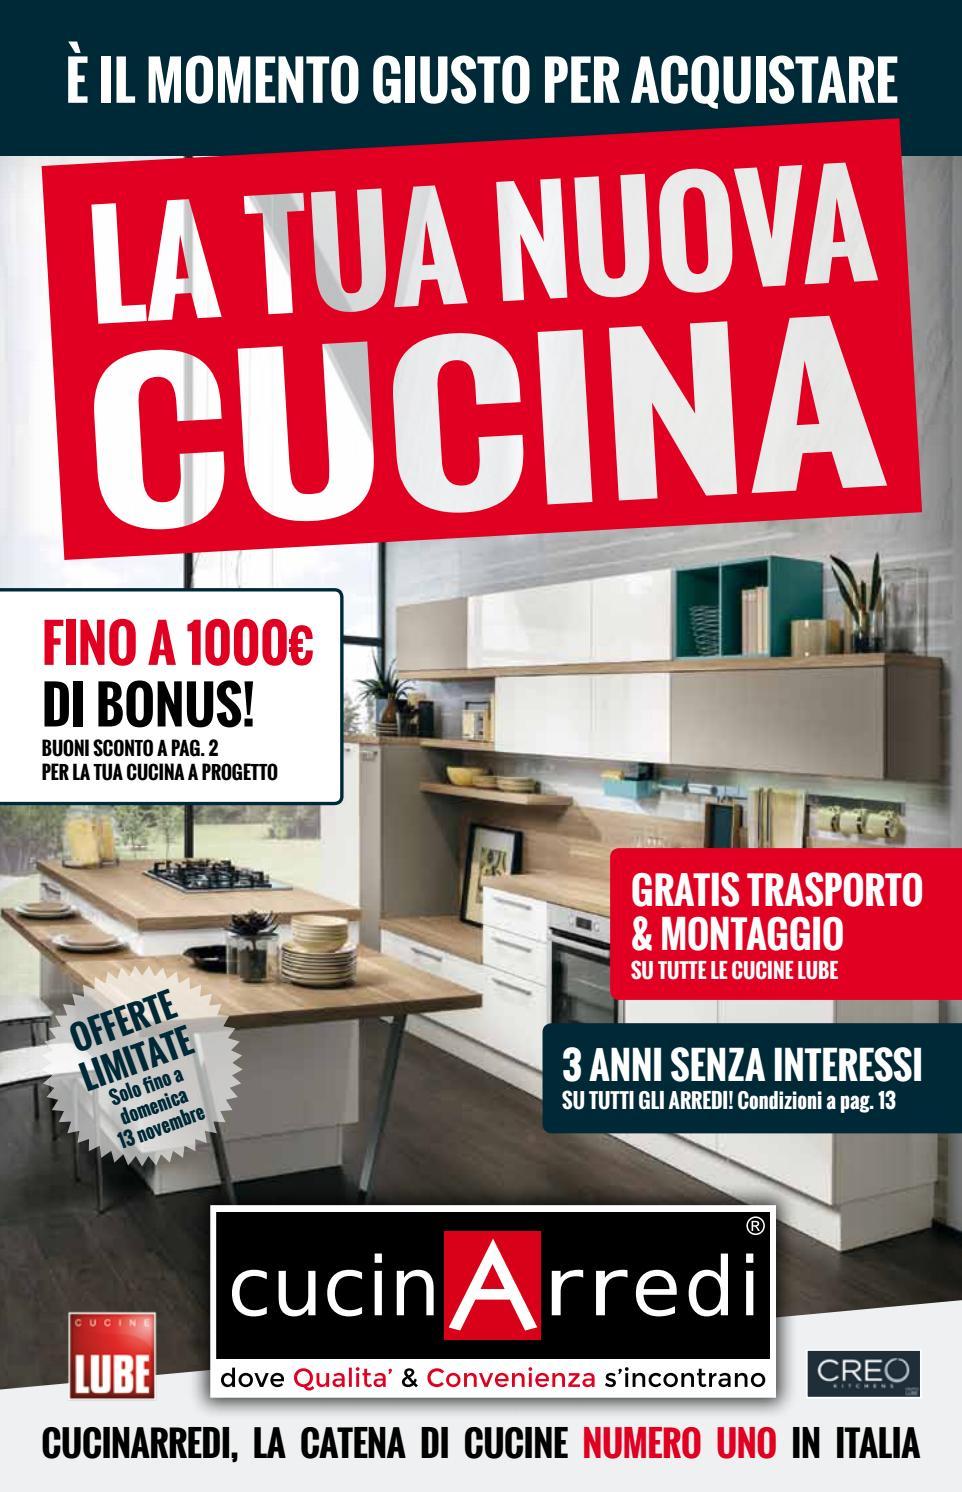 Cucinarredi la tua nuova cucina by cucinarredi issuu - Descrivi la tua cucina ...